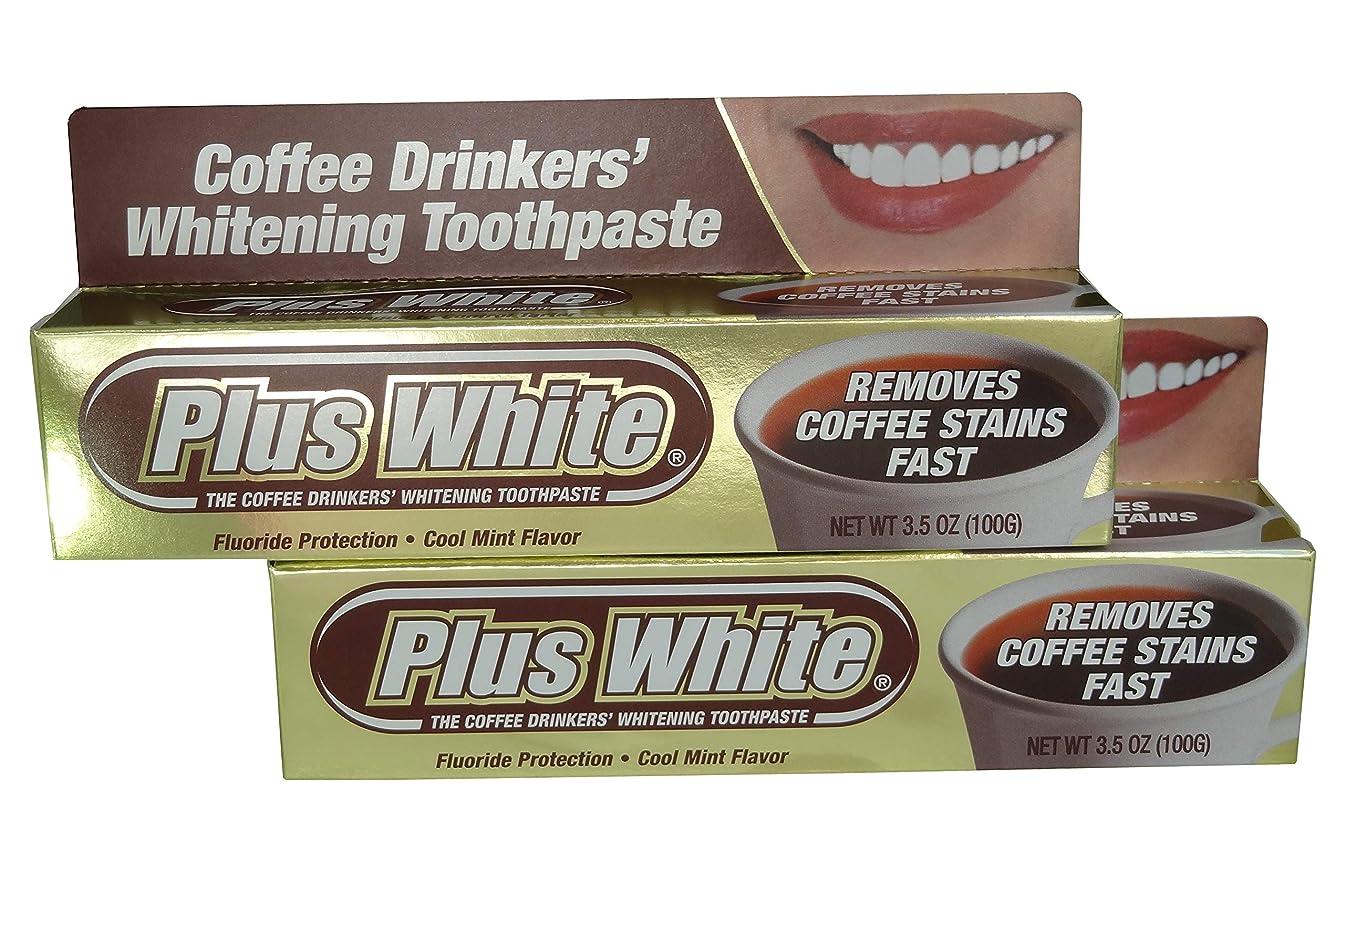 形容詞分解する責任者Plus White コーヒー酒飲みホワイトニング歯磨き3.50オズ(2パック) 2パック